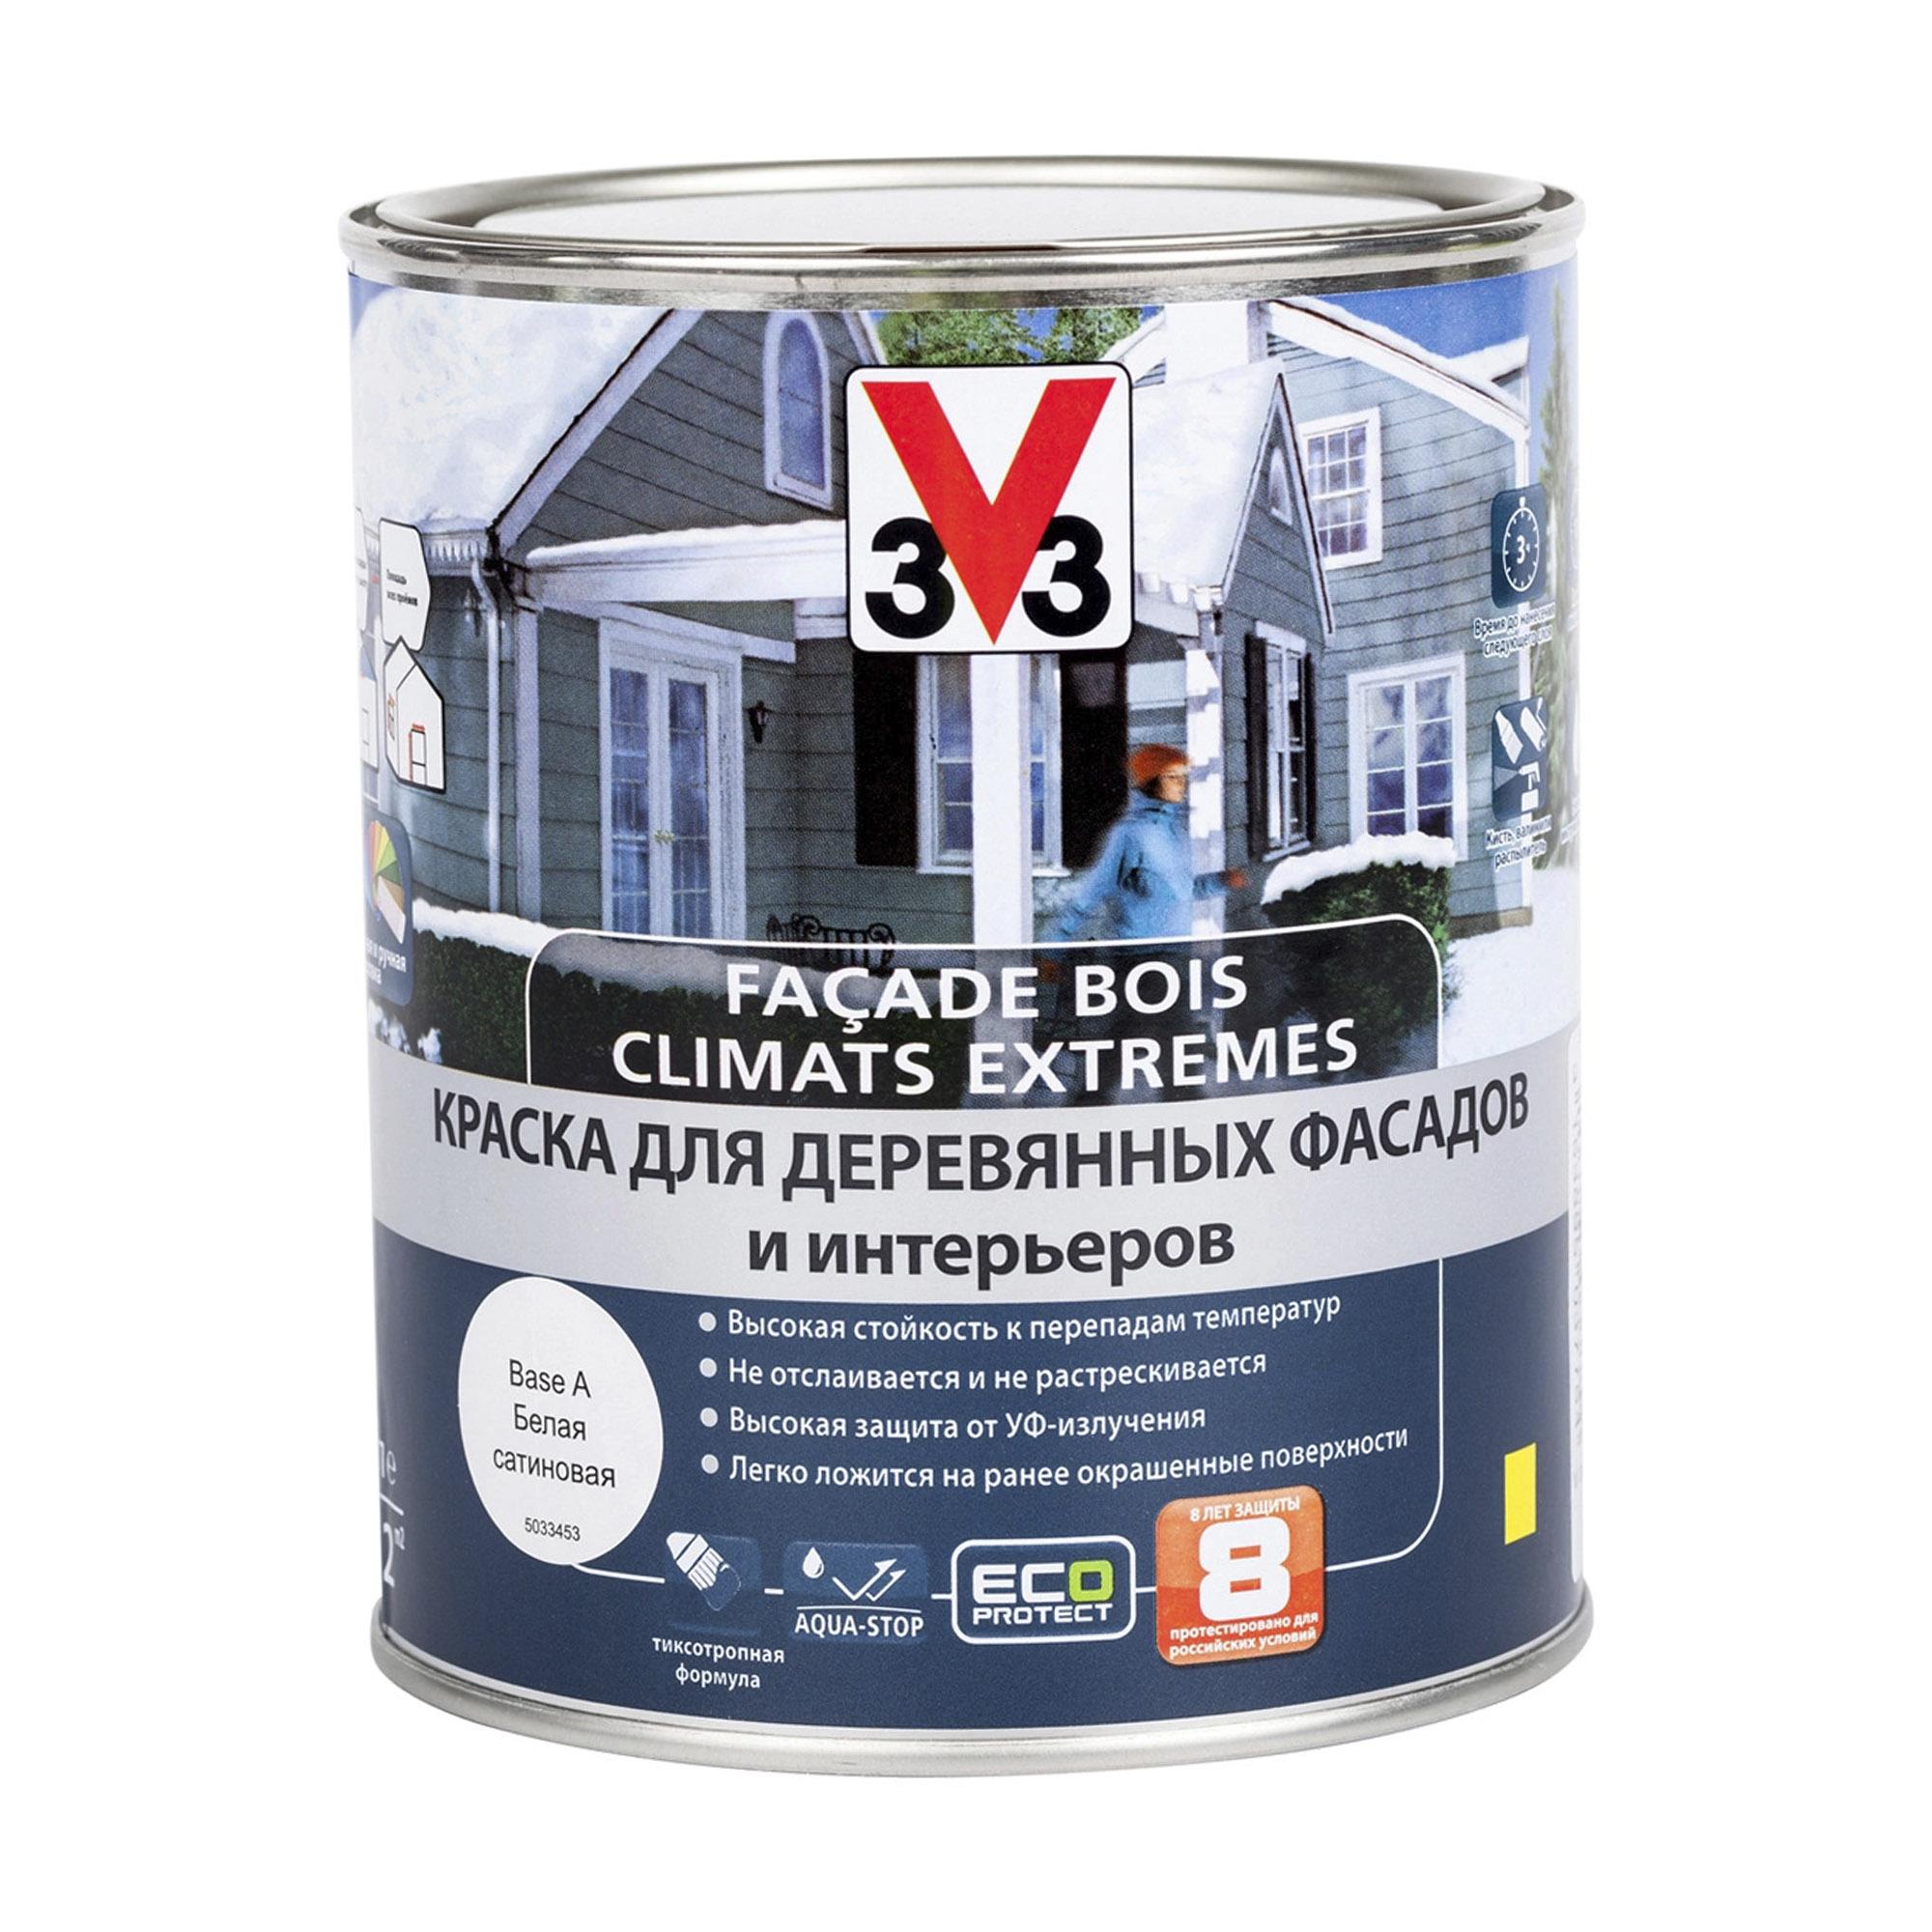 Краска V33 Facade Bois Climats Extremes для деревянных фасадов и интерьеров База А 9 л